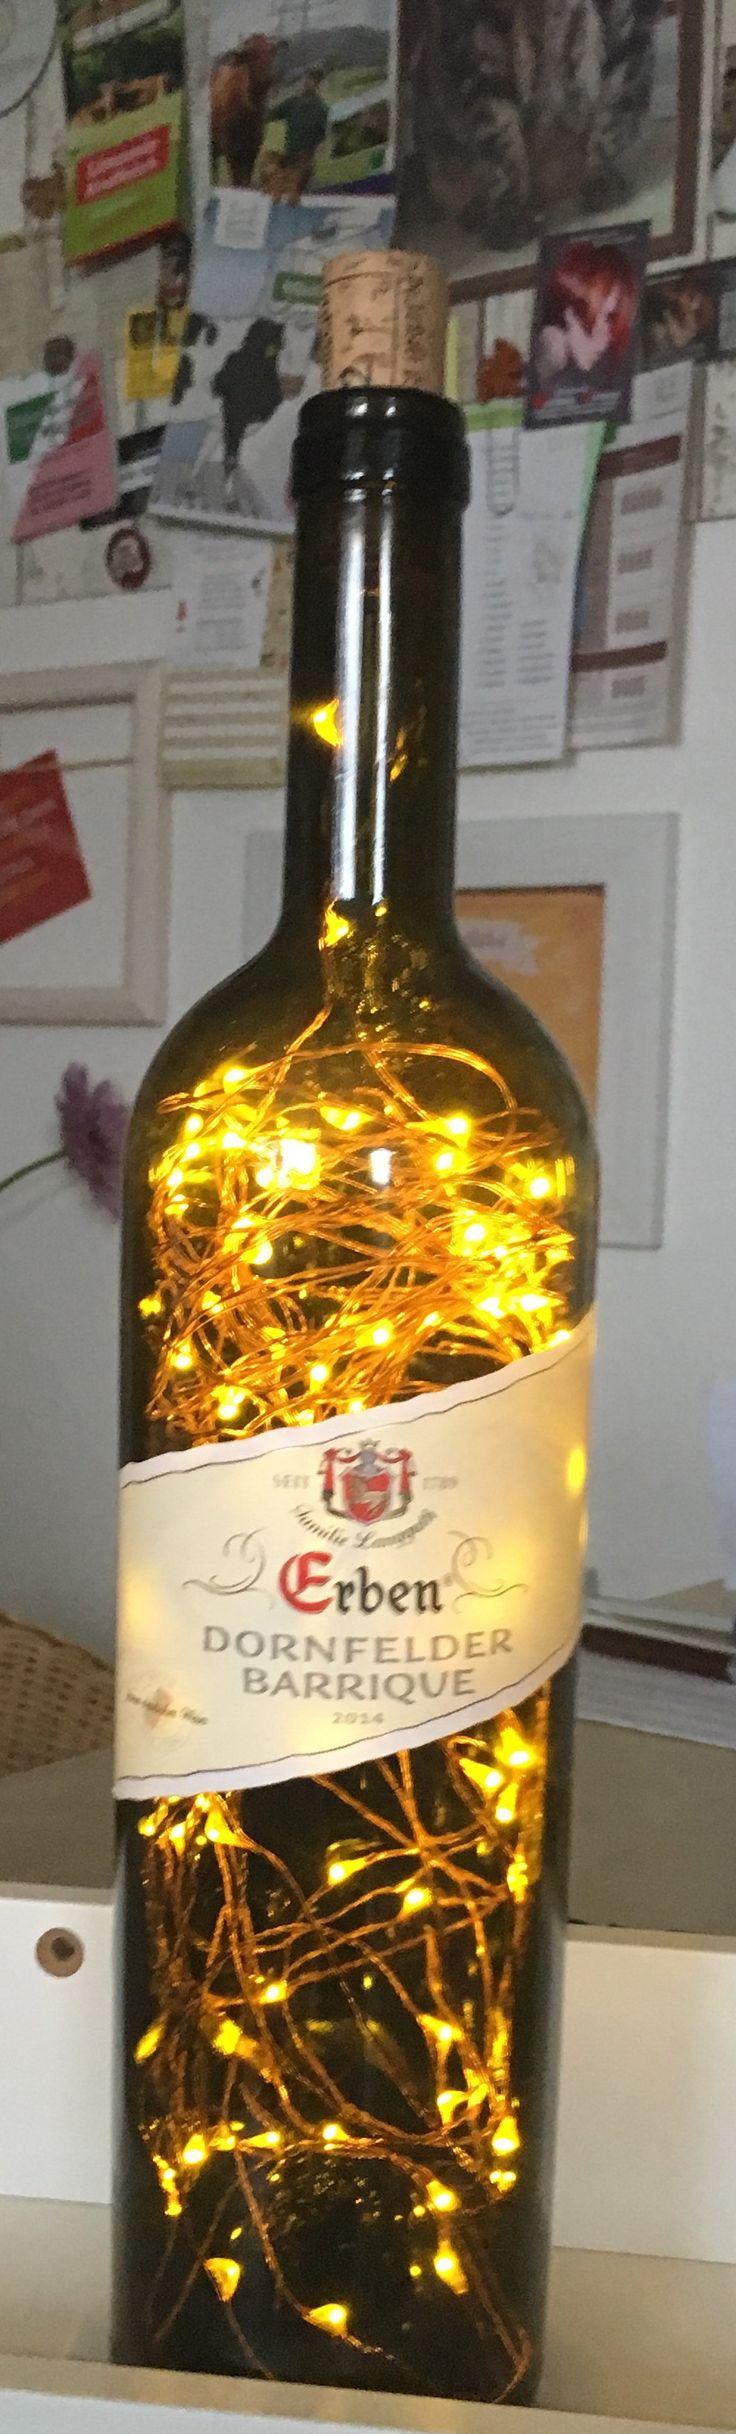 Schöne  Rotweinflasche 0,7 L  mal ganz anders - als LED Flaschenlampe!  Diese Beleuchtungsvariante ist einfach ein Eyecatcher! Filigrane LED-Ketten werden in Handarbeit in die Flaschen eingefügt, ein kleines, verschlossenes Loch auf der Rückseite der Flasche lässt das Kabel zum Batteriekästchen durch. Netzbetriebene LED Lichterkette mit 230V Anschluss und 100 LED-Birnchen.